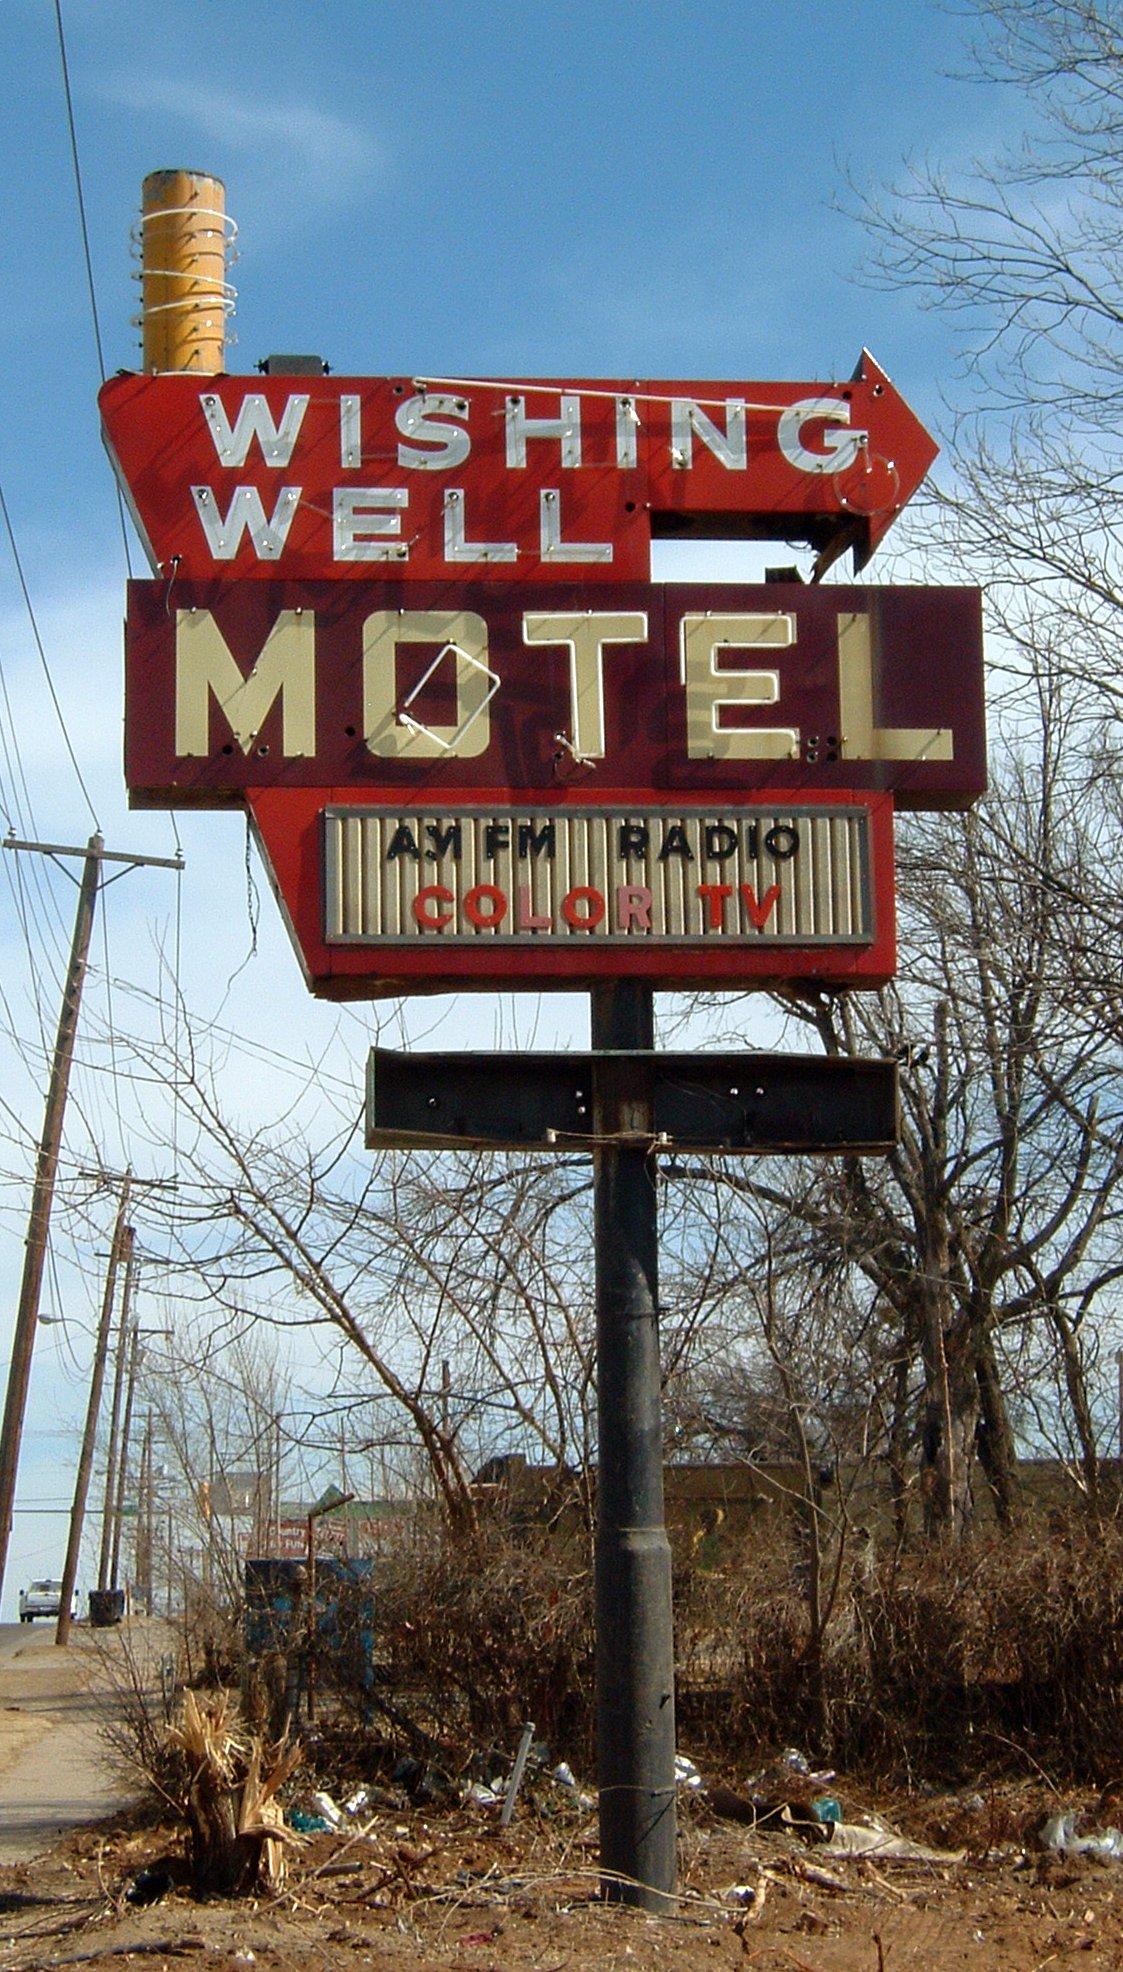 Wishing Well Motel - Oklahoma City, Oklahoma U.S.A. - February 28, 2006